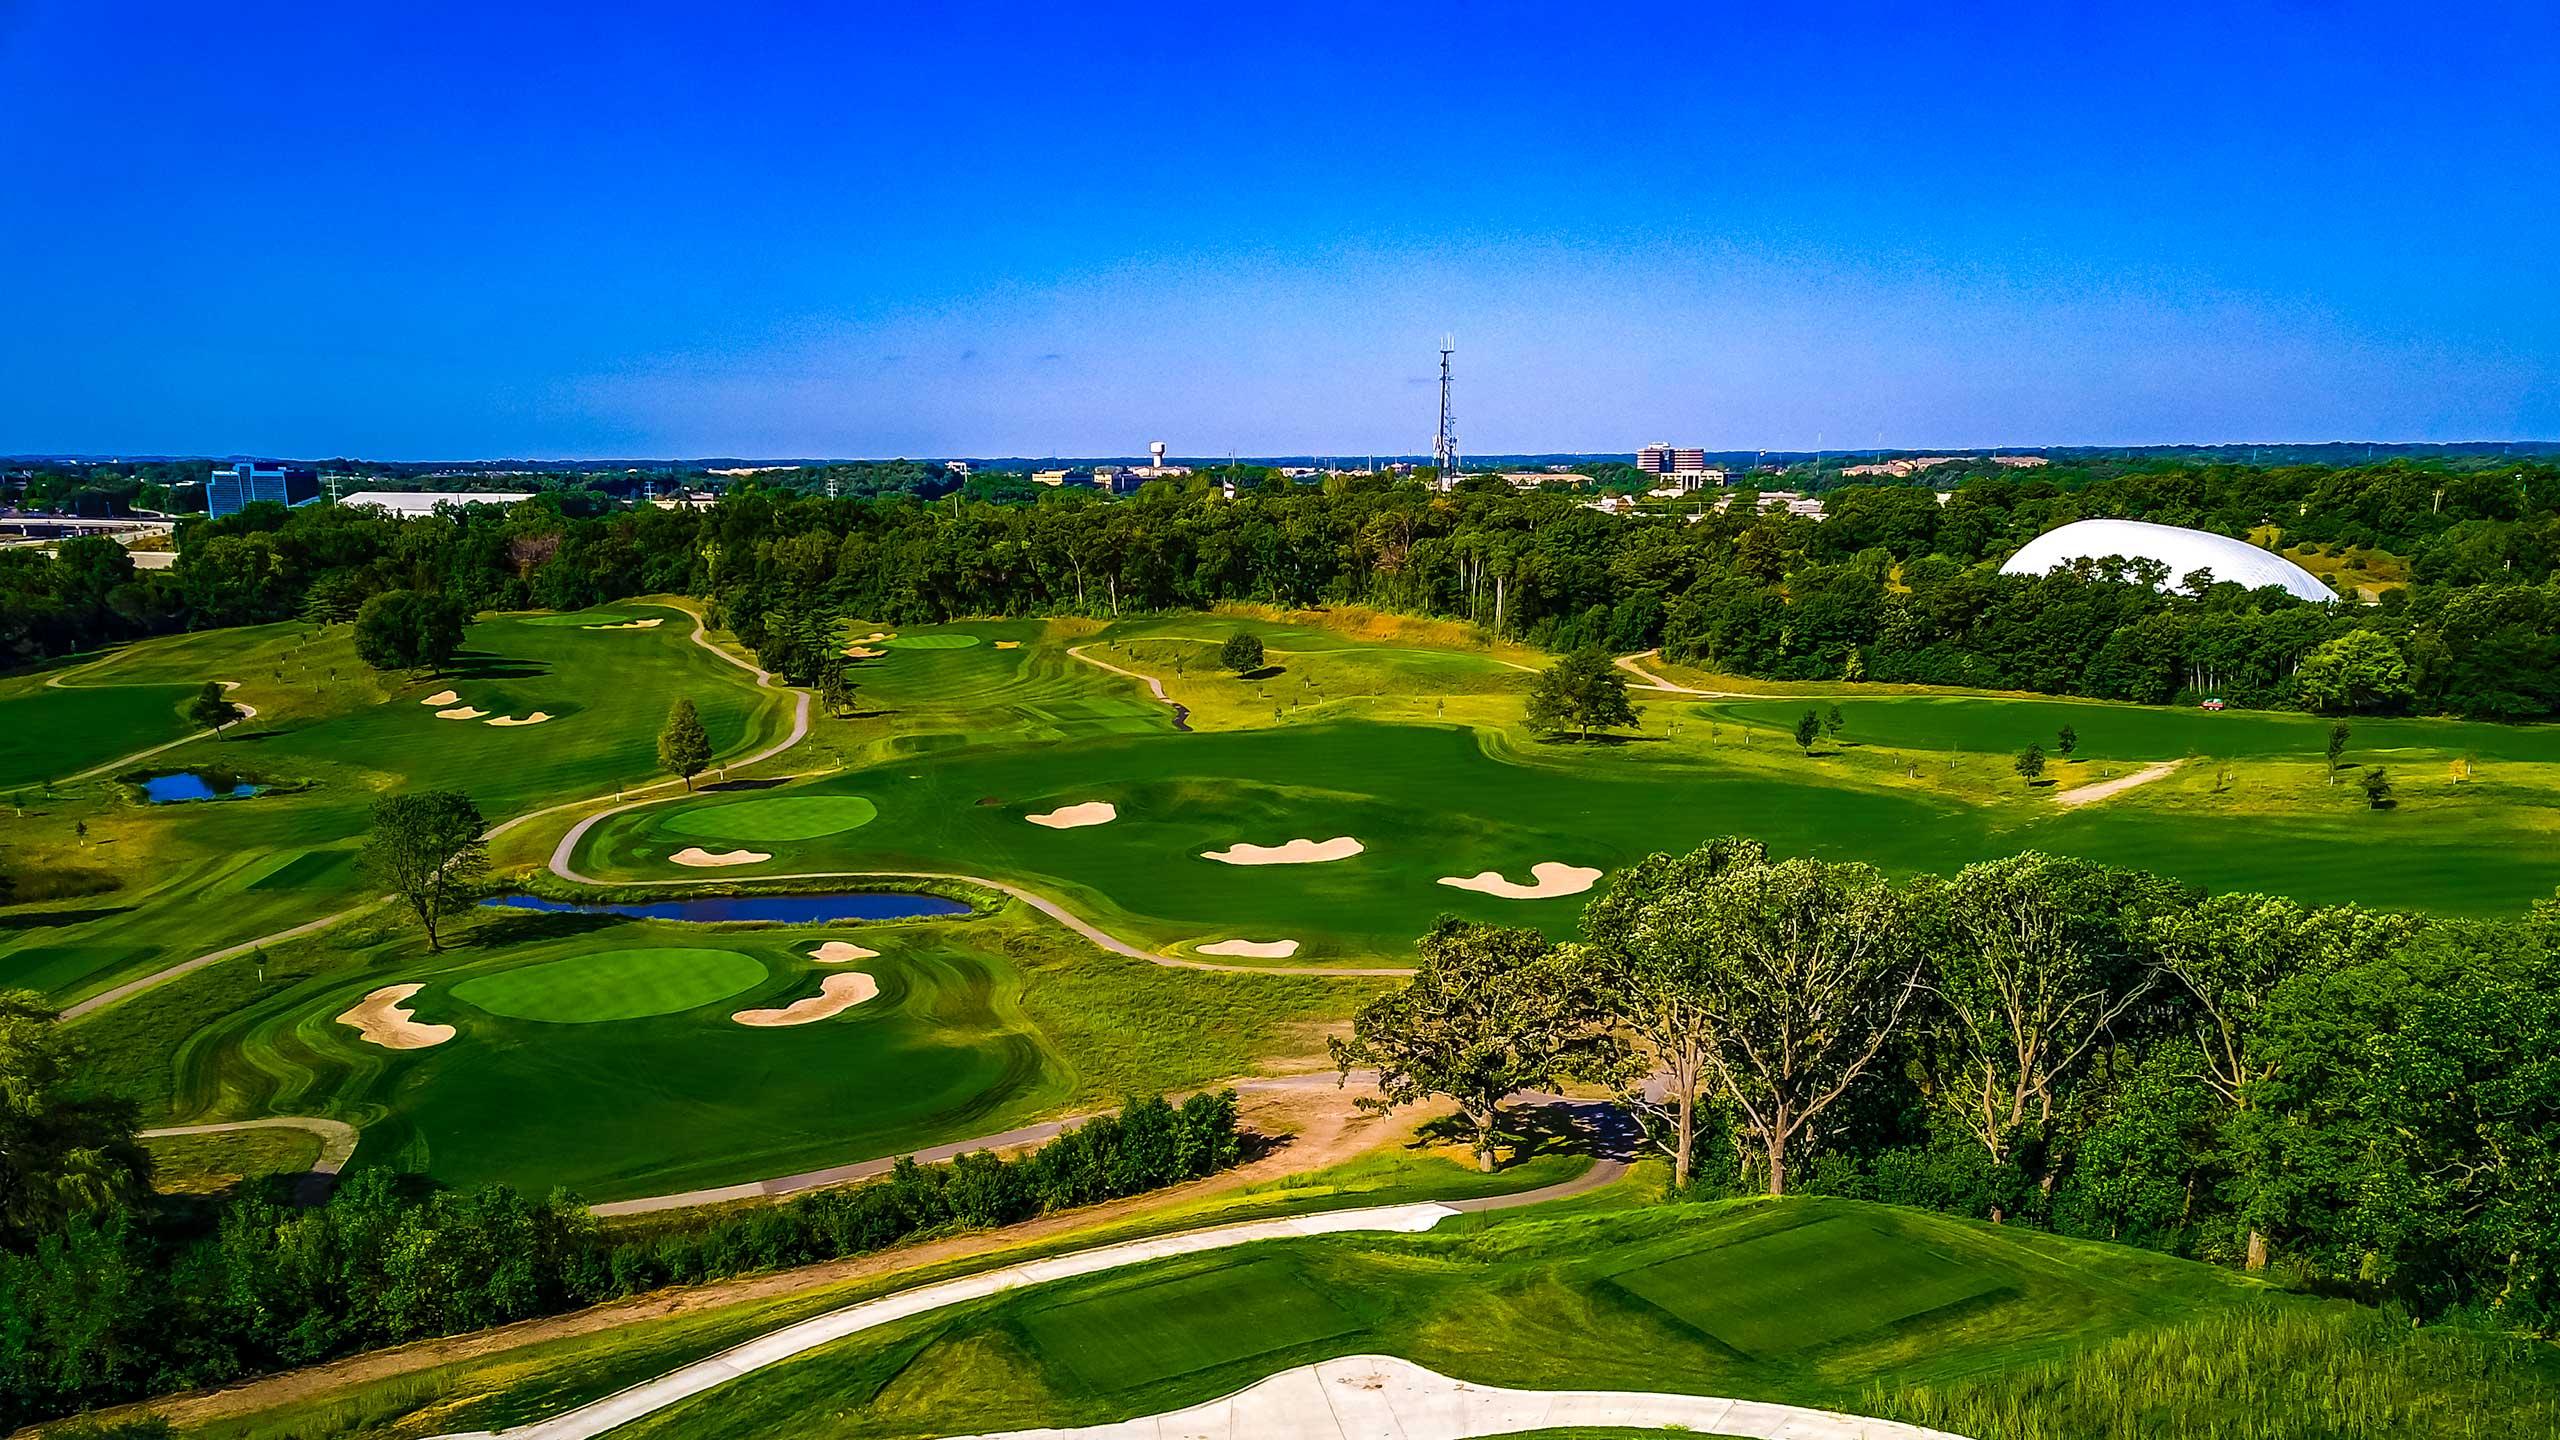 Flyover shot of Braemar Golf Course